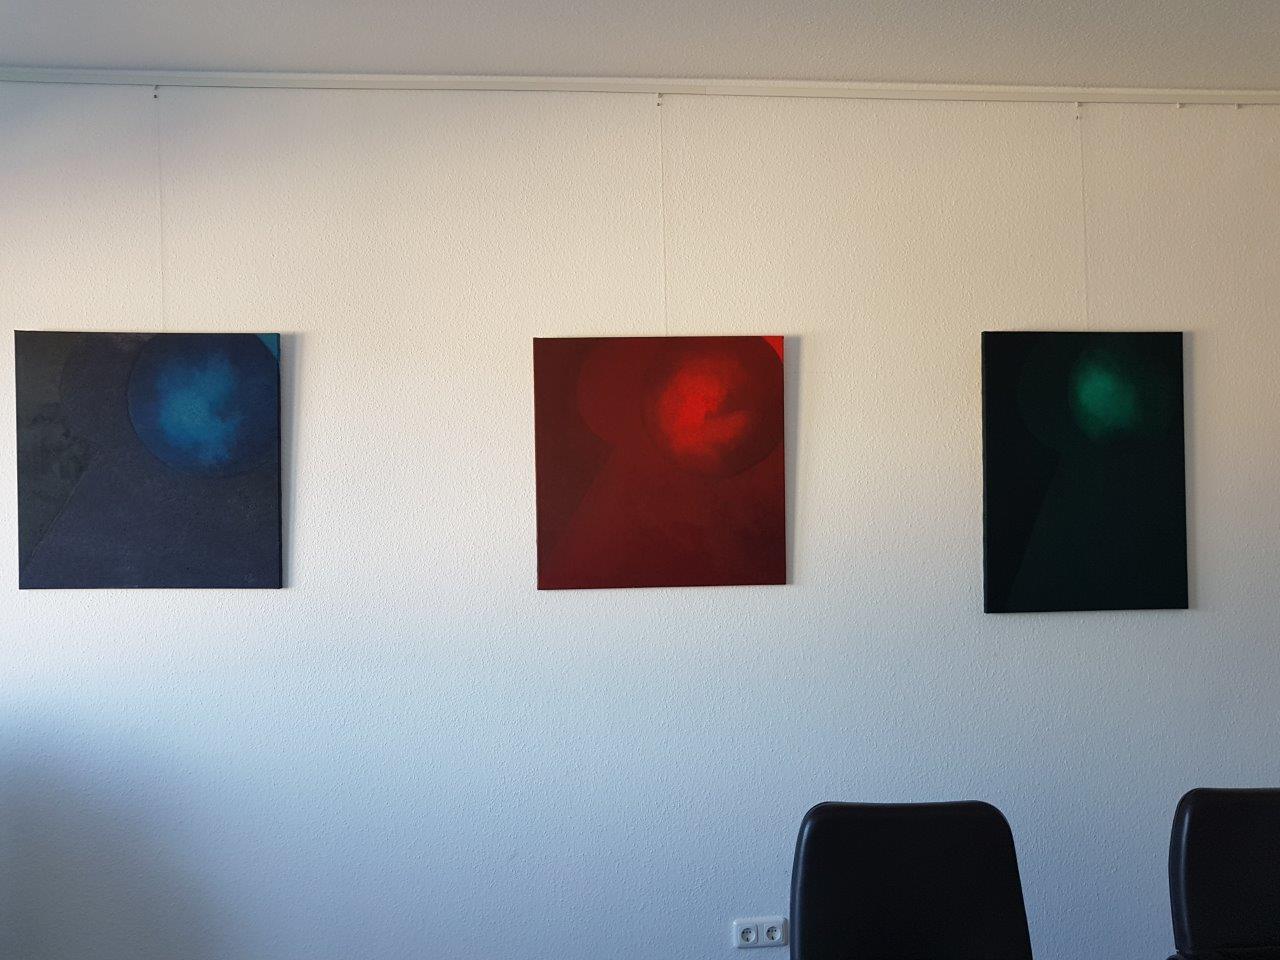 Malereien-Geschäftsräume-Oelbilder-mieten-kaufen-Rheingau-Kunst-Marion-Haas